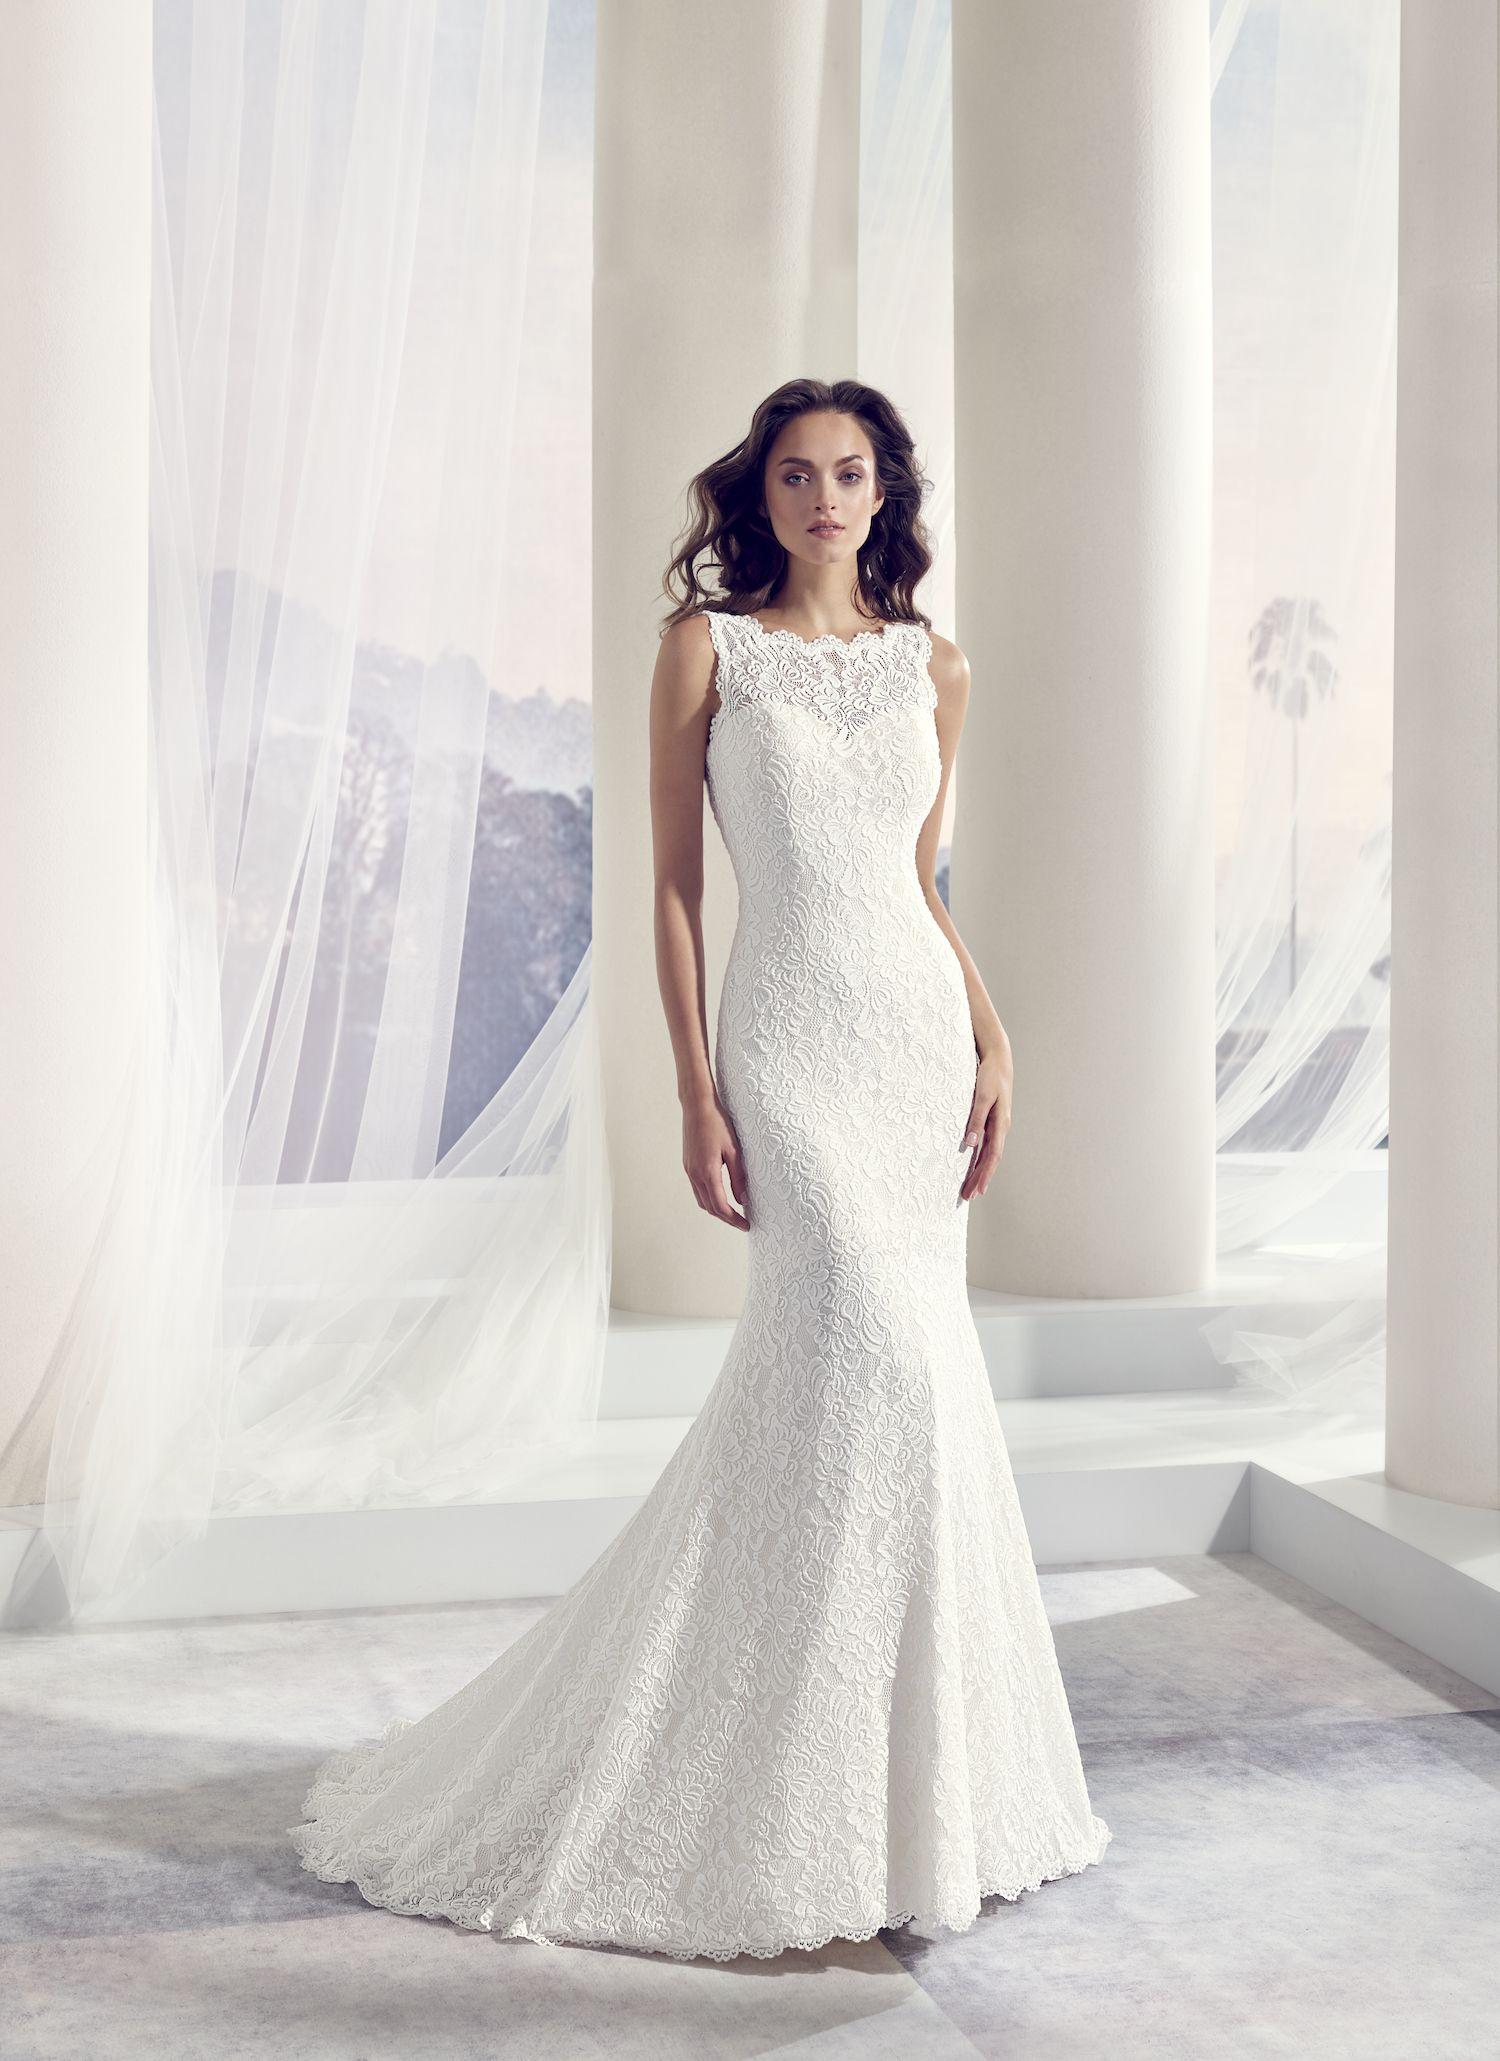 Elegante Bruidsjurken.Stap In Het Huwelijksbootje In Een Van De Elegante Bruidsjurken Van